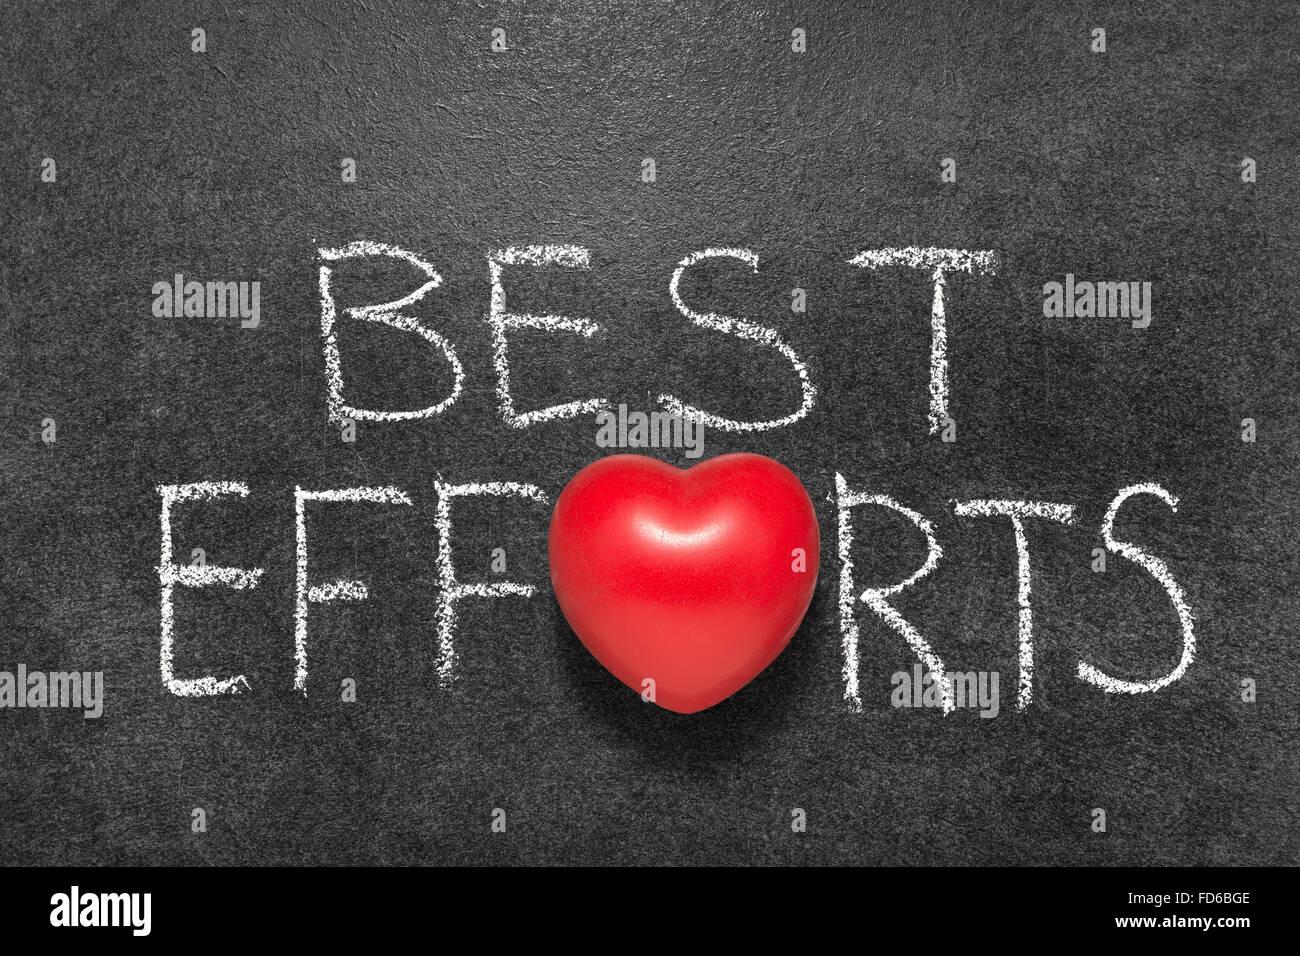 Best efforts phrase handwritten on blackboard with heart symbol best efforts phrase handwritten on blackboard with heart symbol instead o biocorpaavc